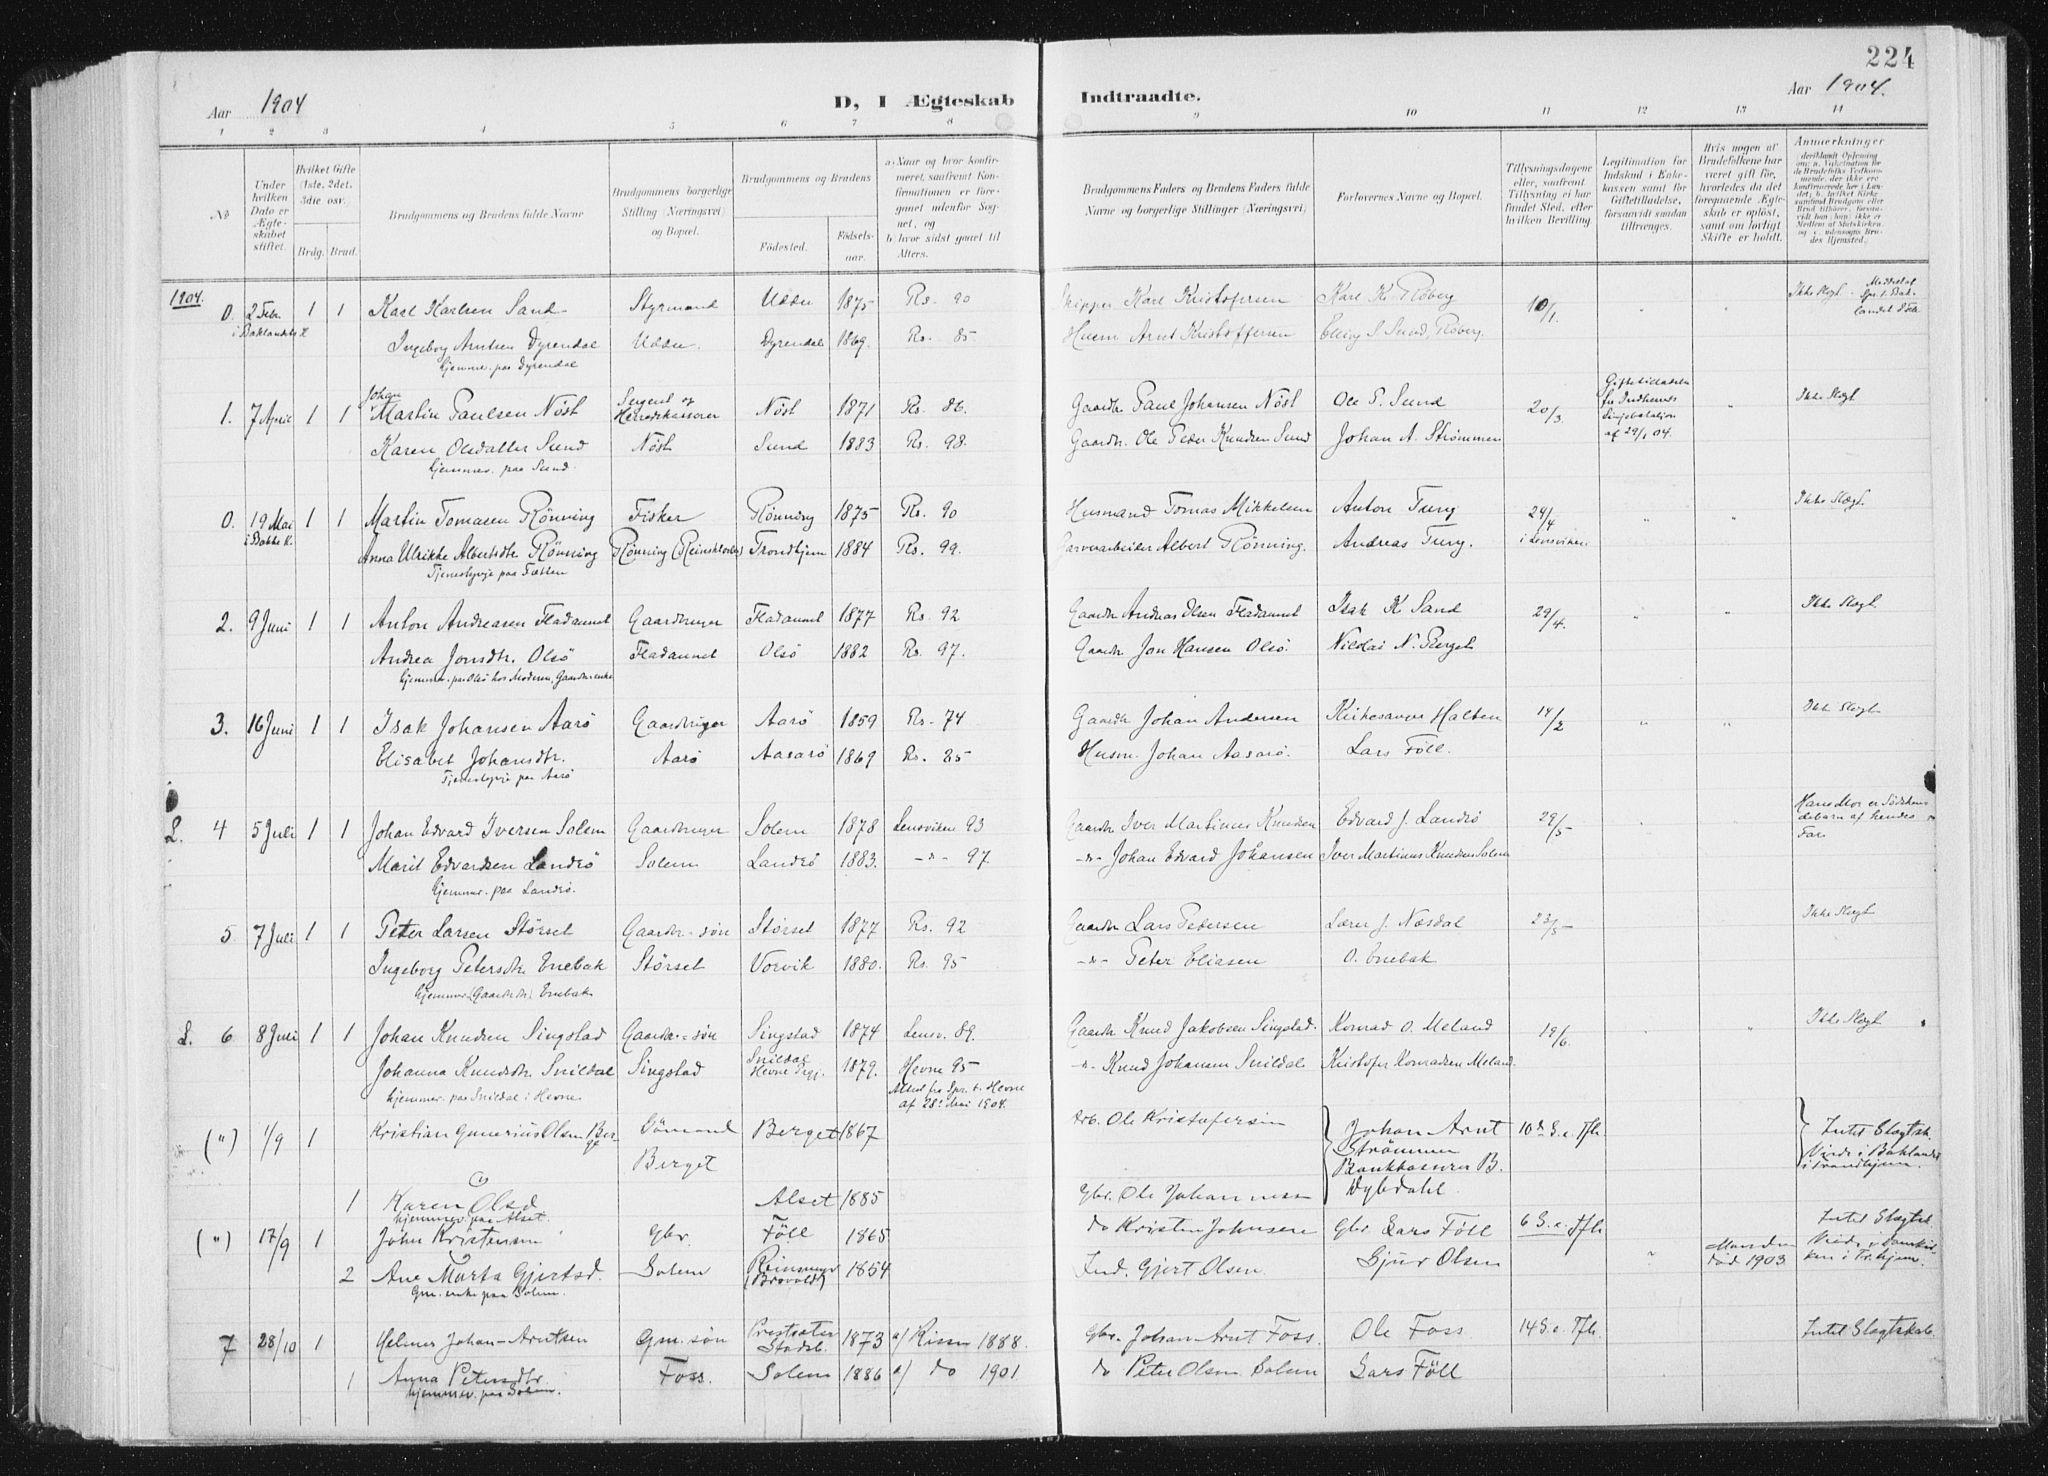 SAT, Ministerialprotokoller, klokkerbøker og fødselsregistre - Sør-Trøndelag, 647/L0635: Ministerialbok nr. 647A02, 1896-1911, s. 224